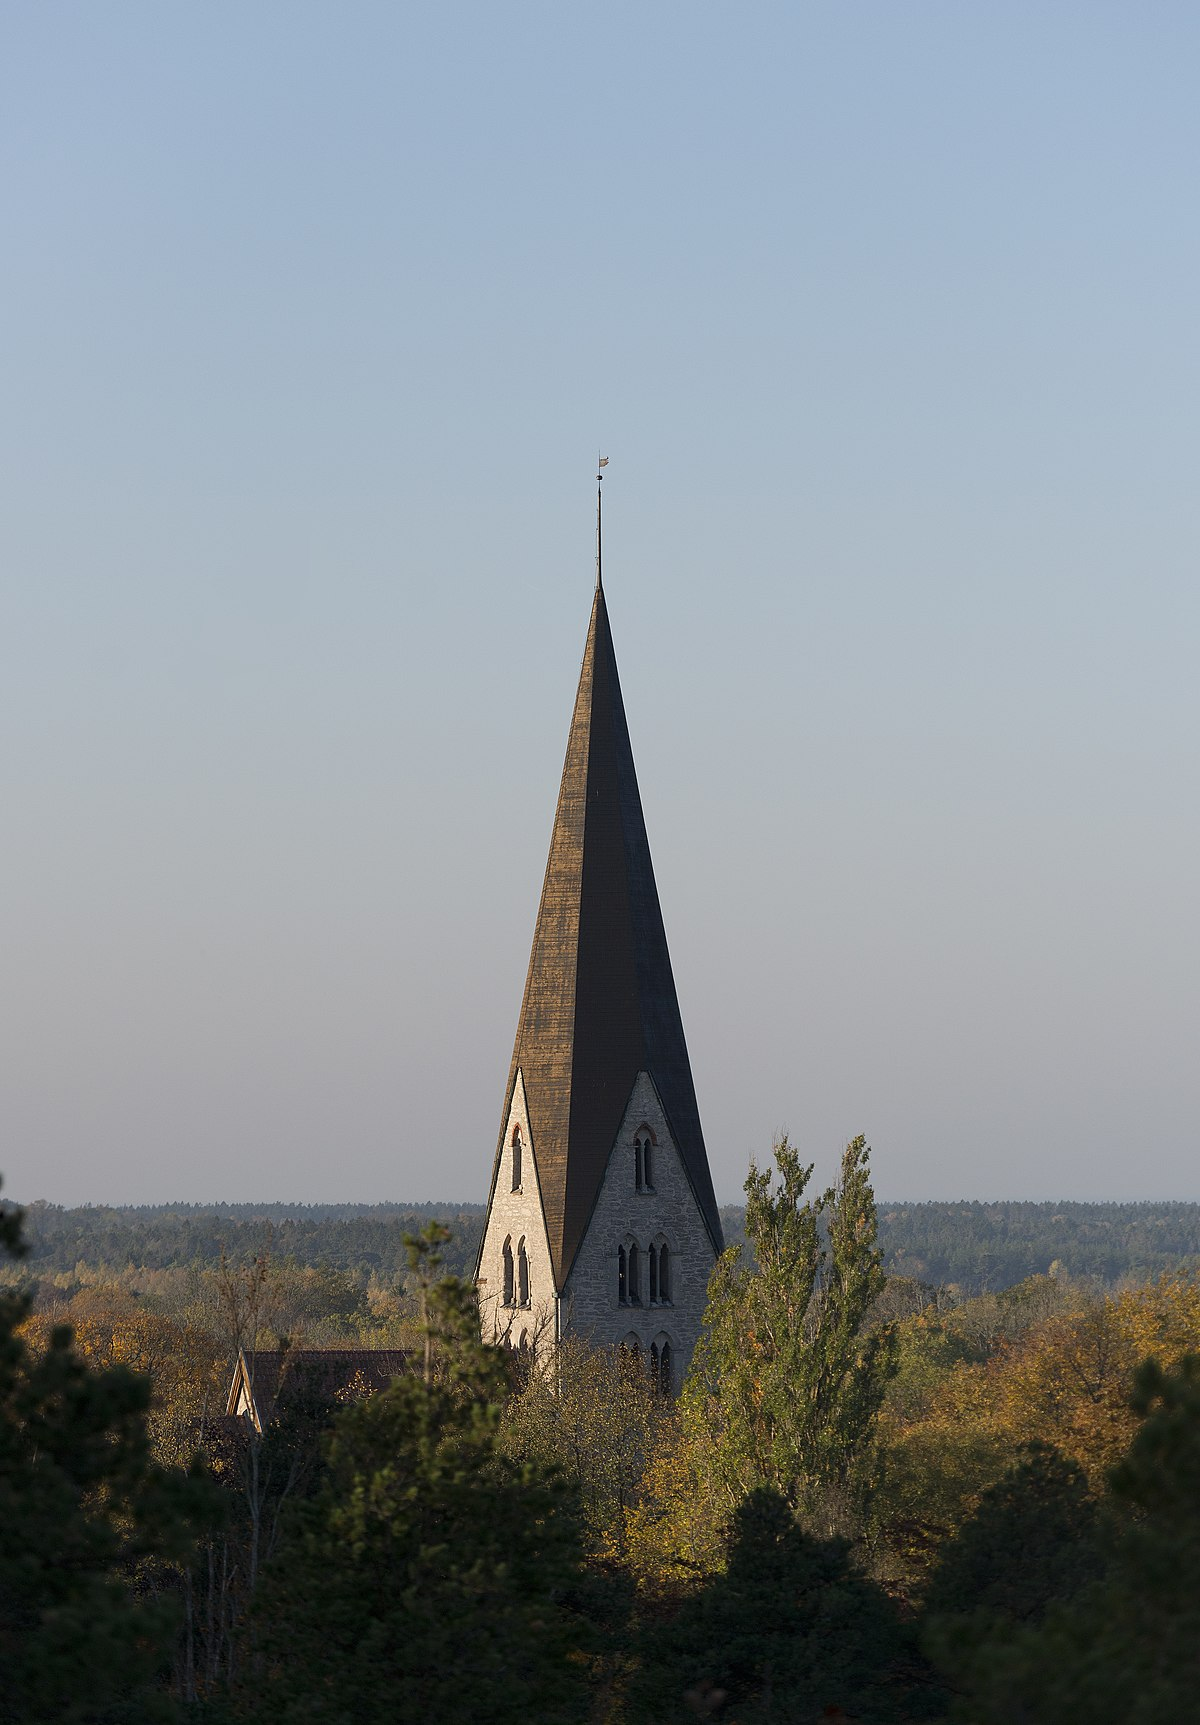 Fil:Klinte kyrka patient-survey.net Wikipedia